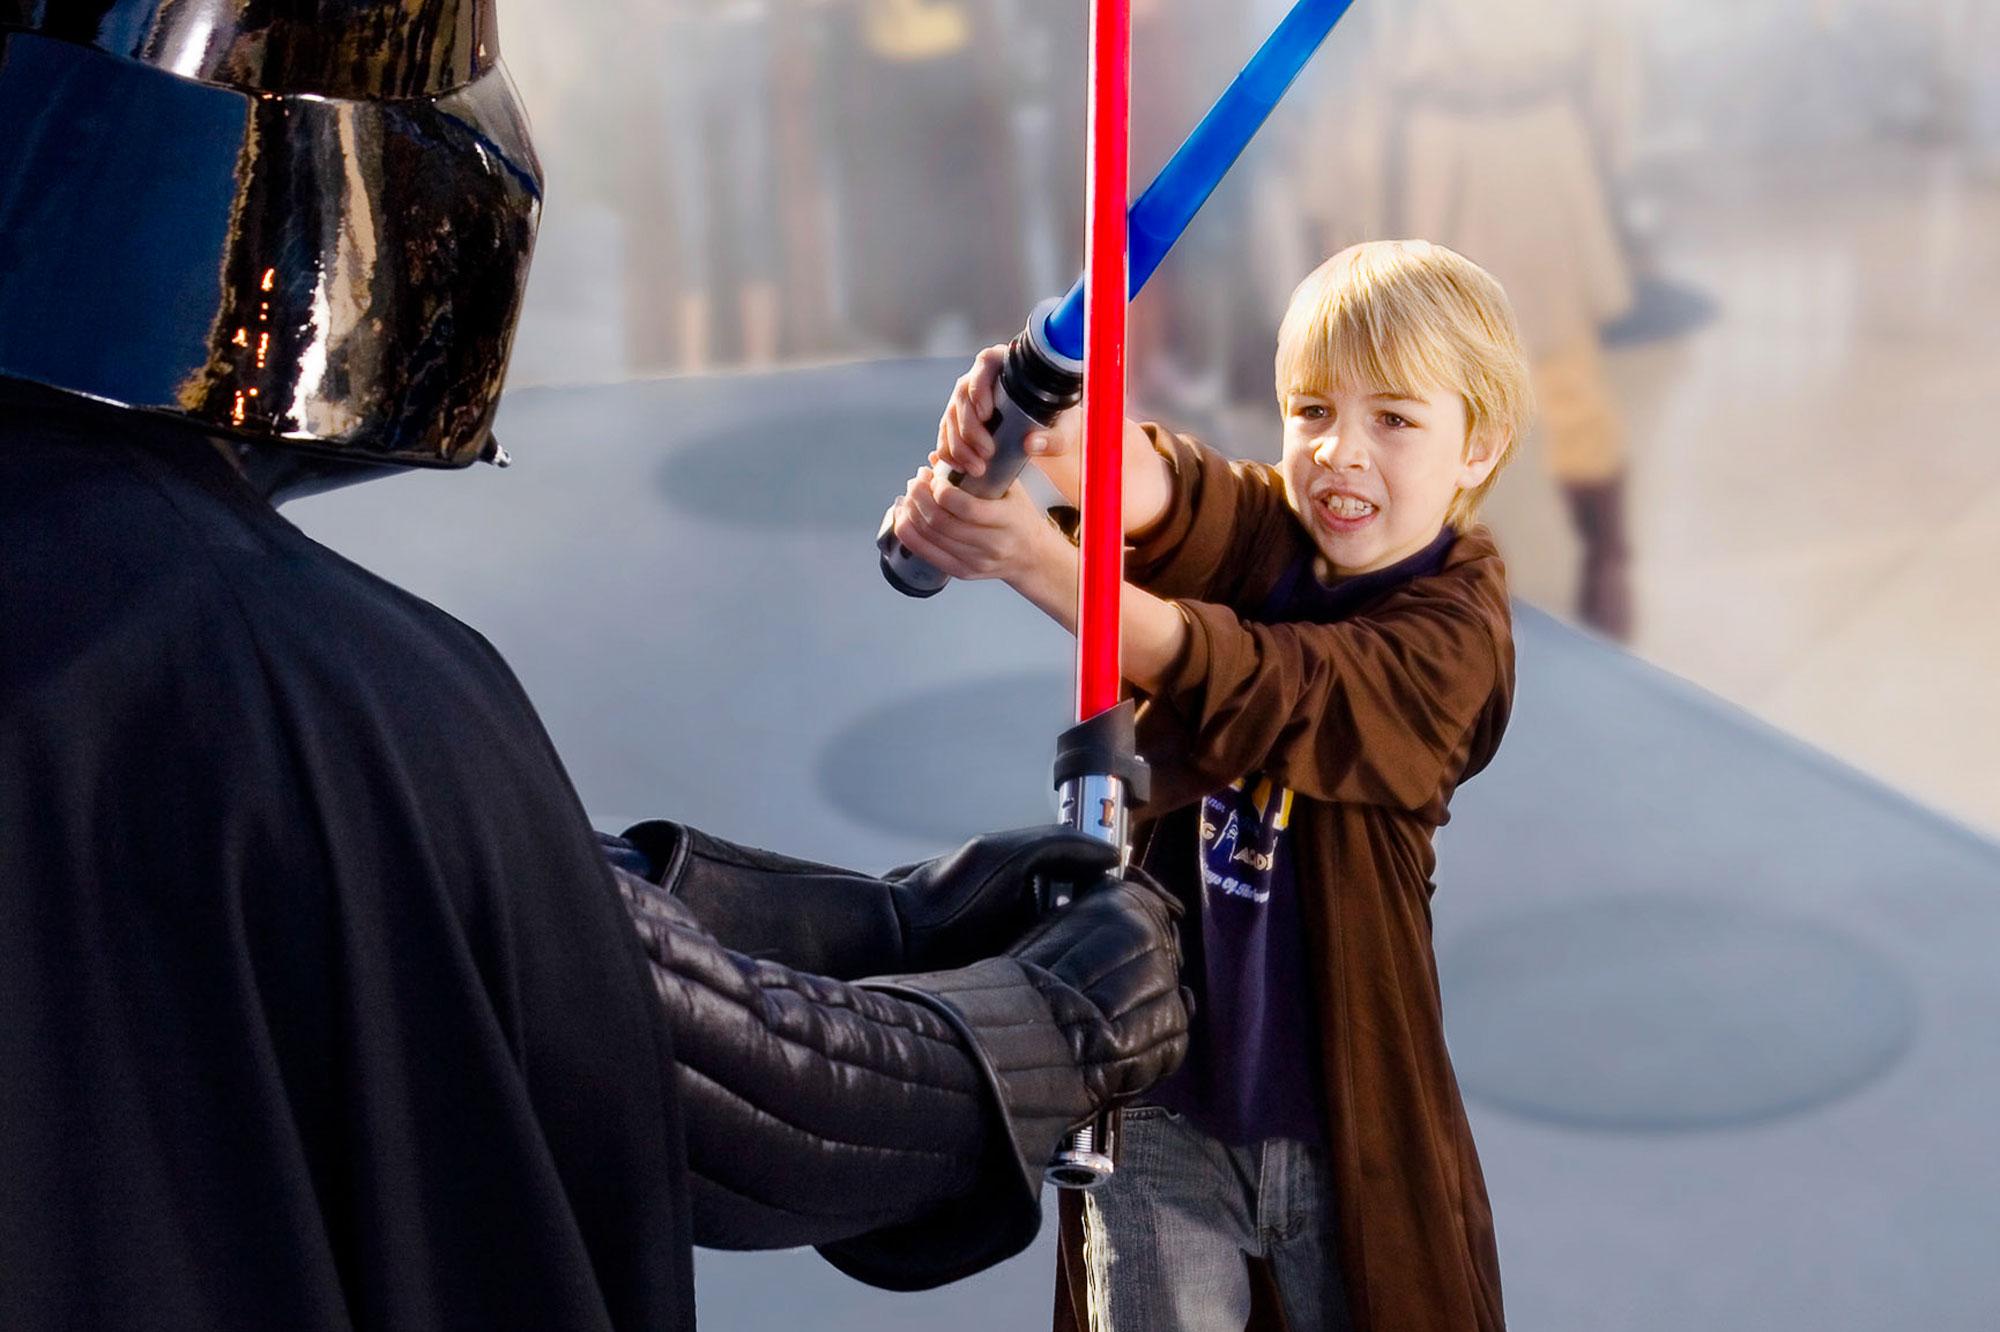 Projet d'achat - Page 20 A-Disneyland-Paris-devenez-un-Jedi